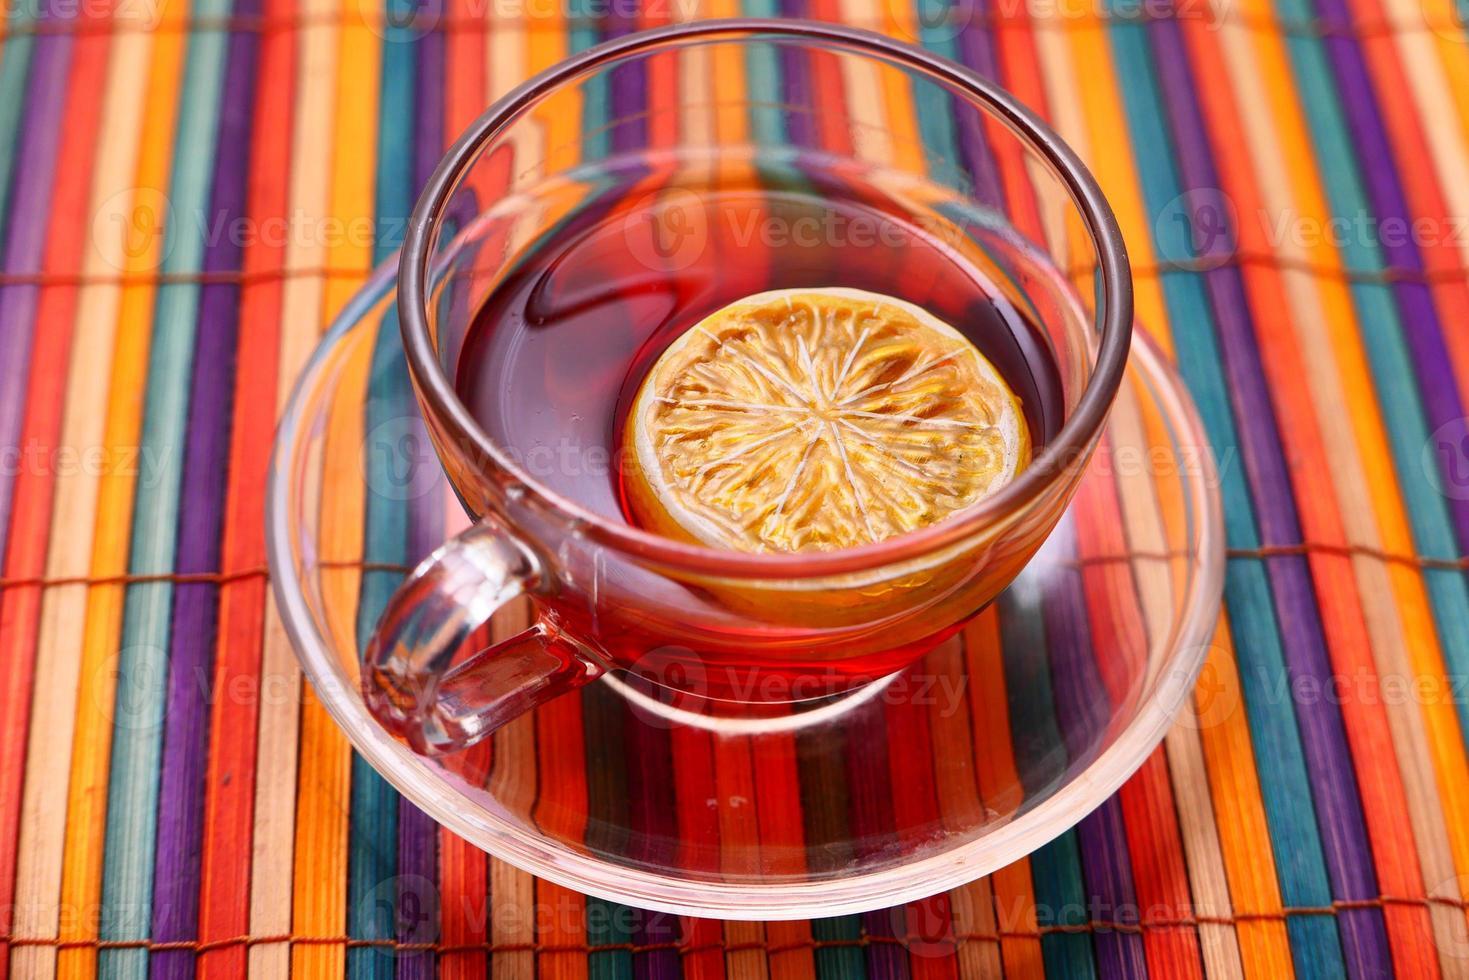 citroenthee op kleurrijke tafelkleedachtergrond foto